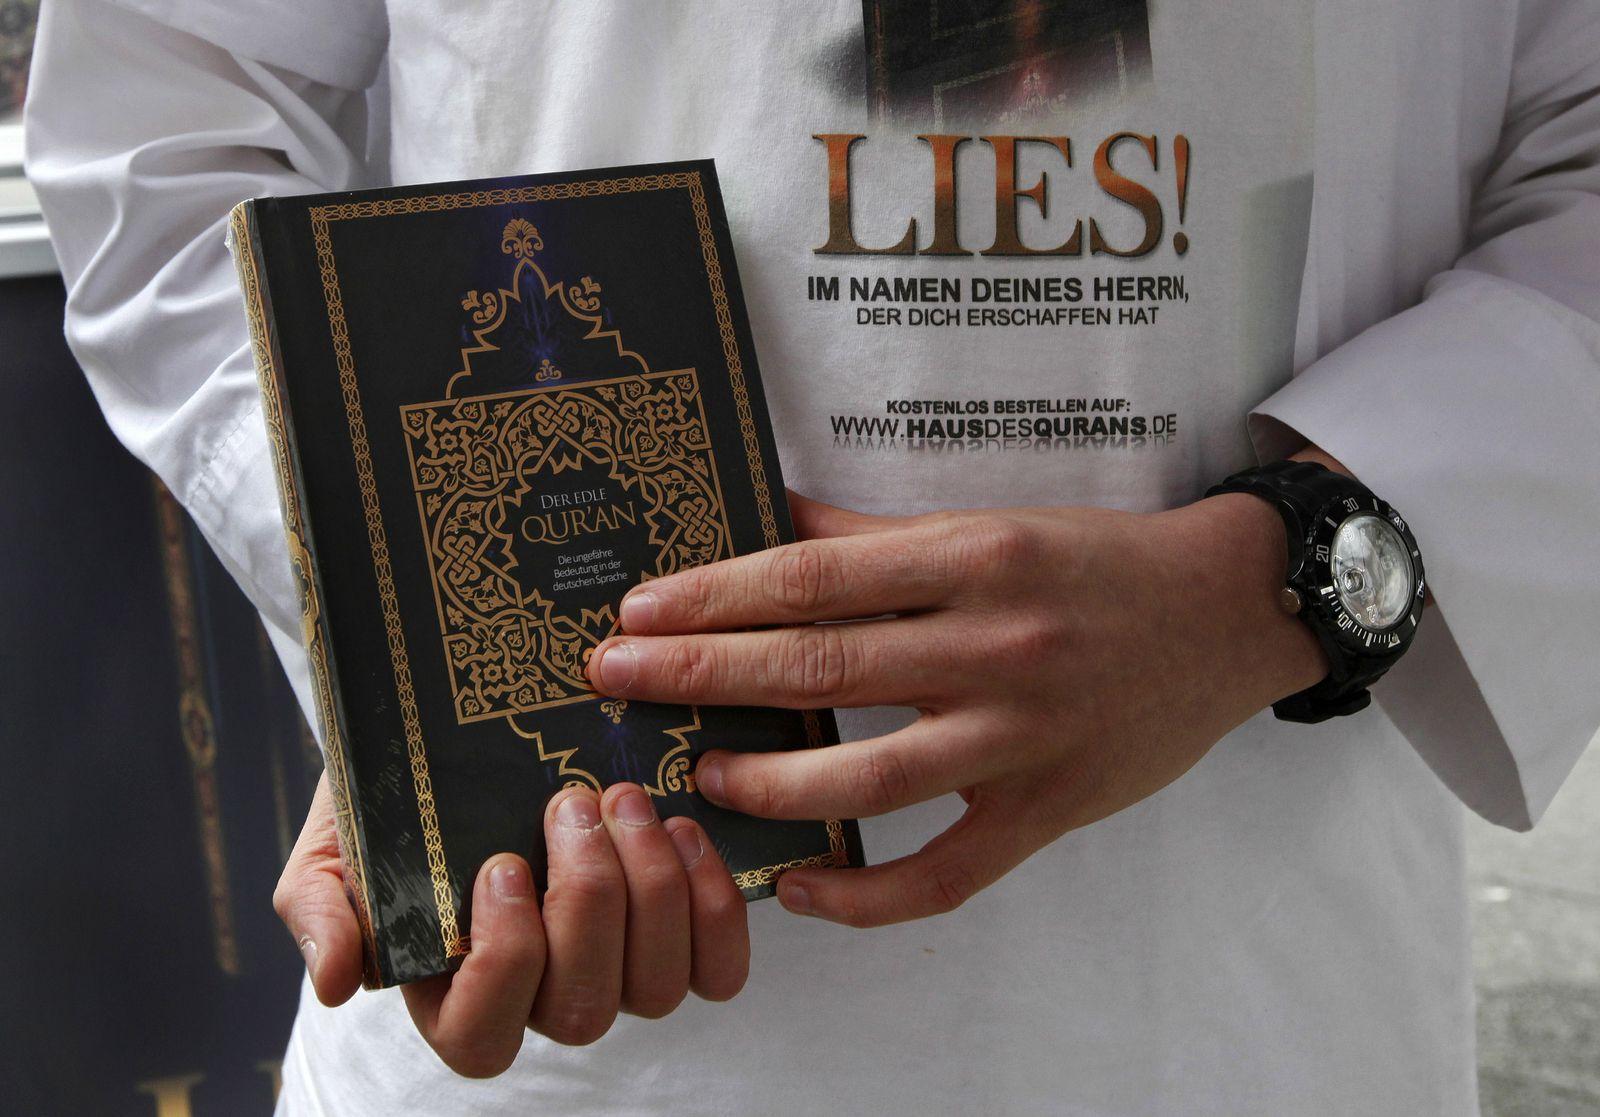 NICHT VERWENDEN Koranverteilung/Lies!